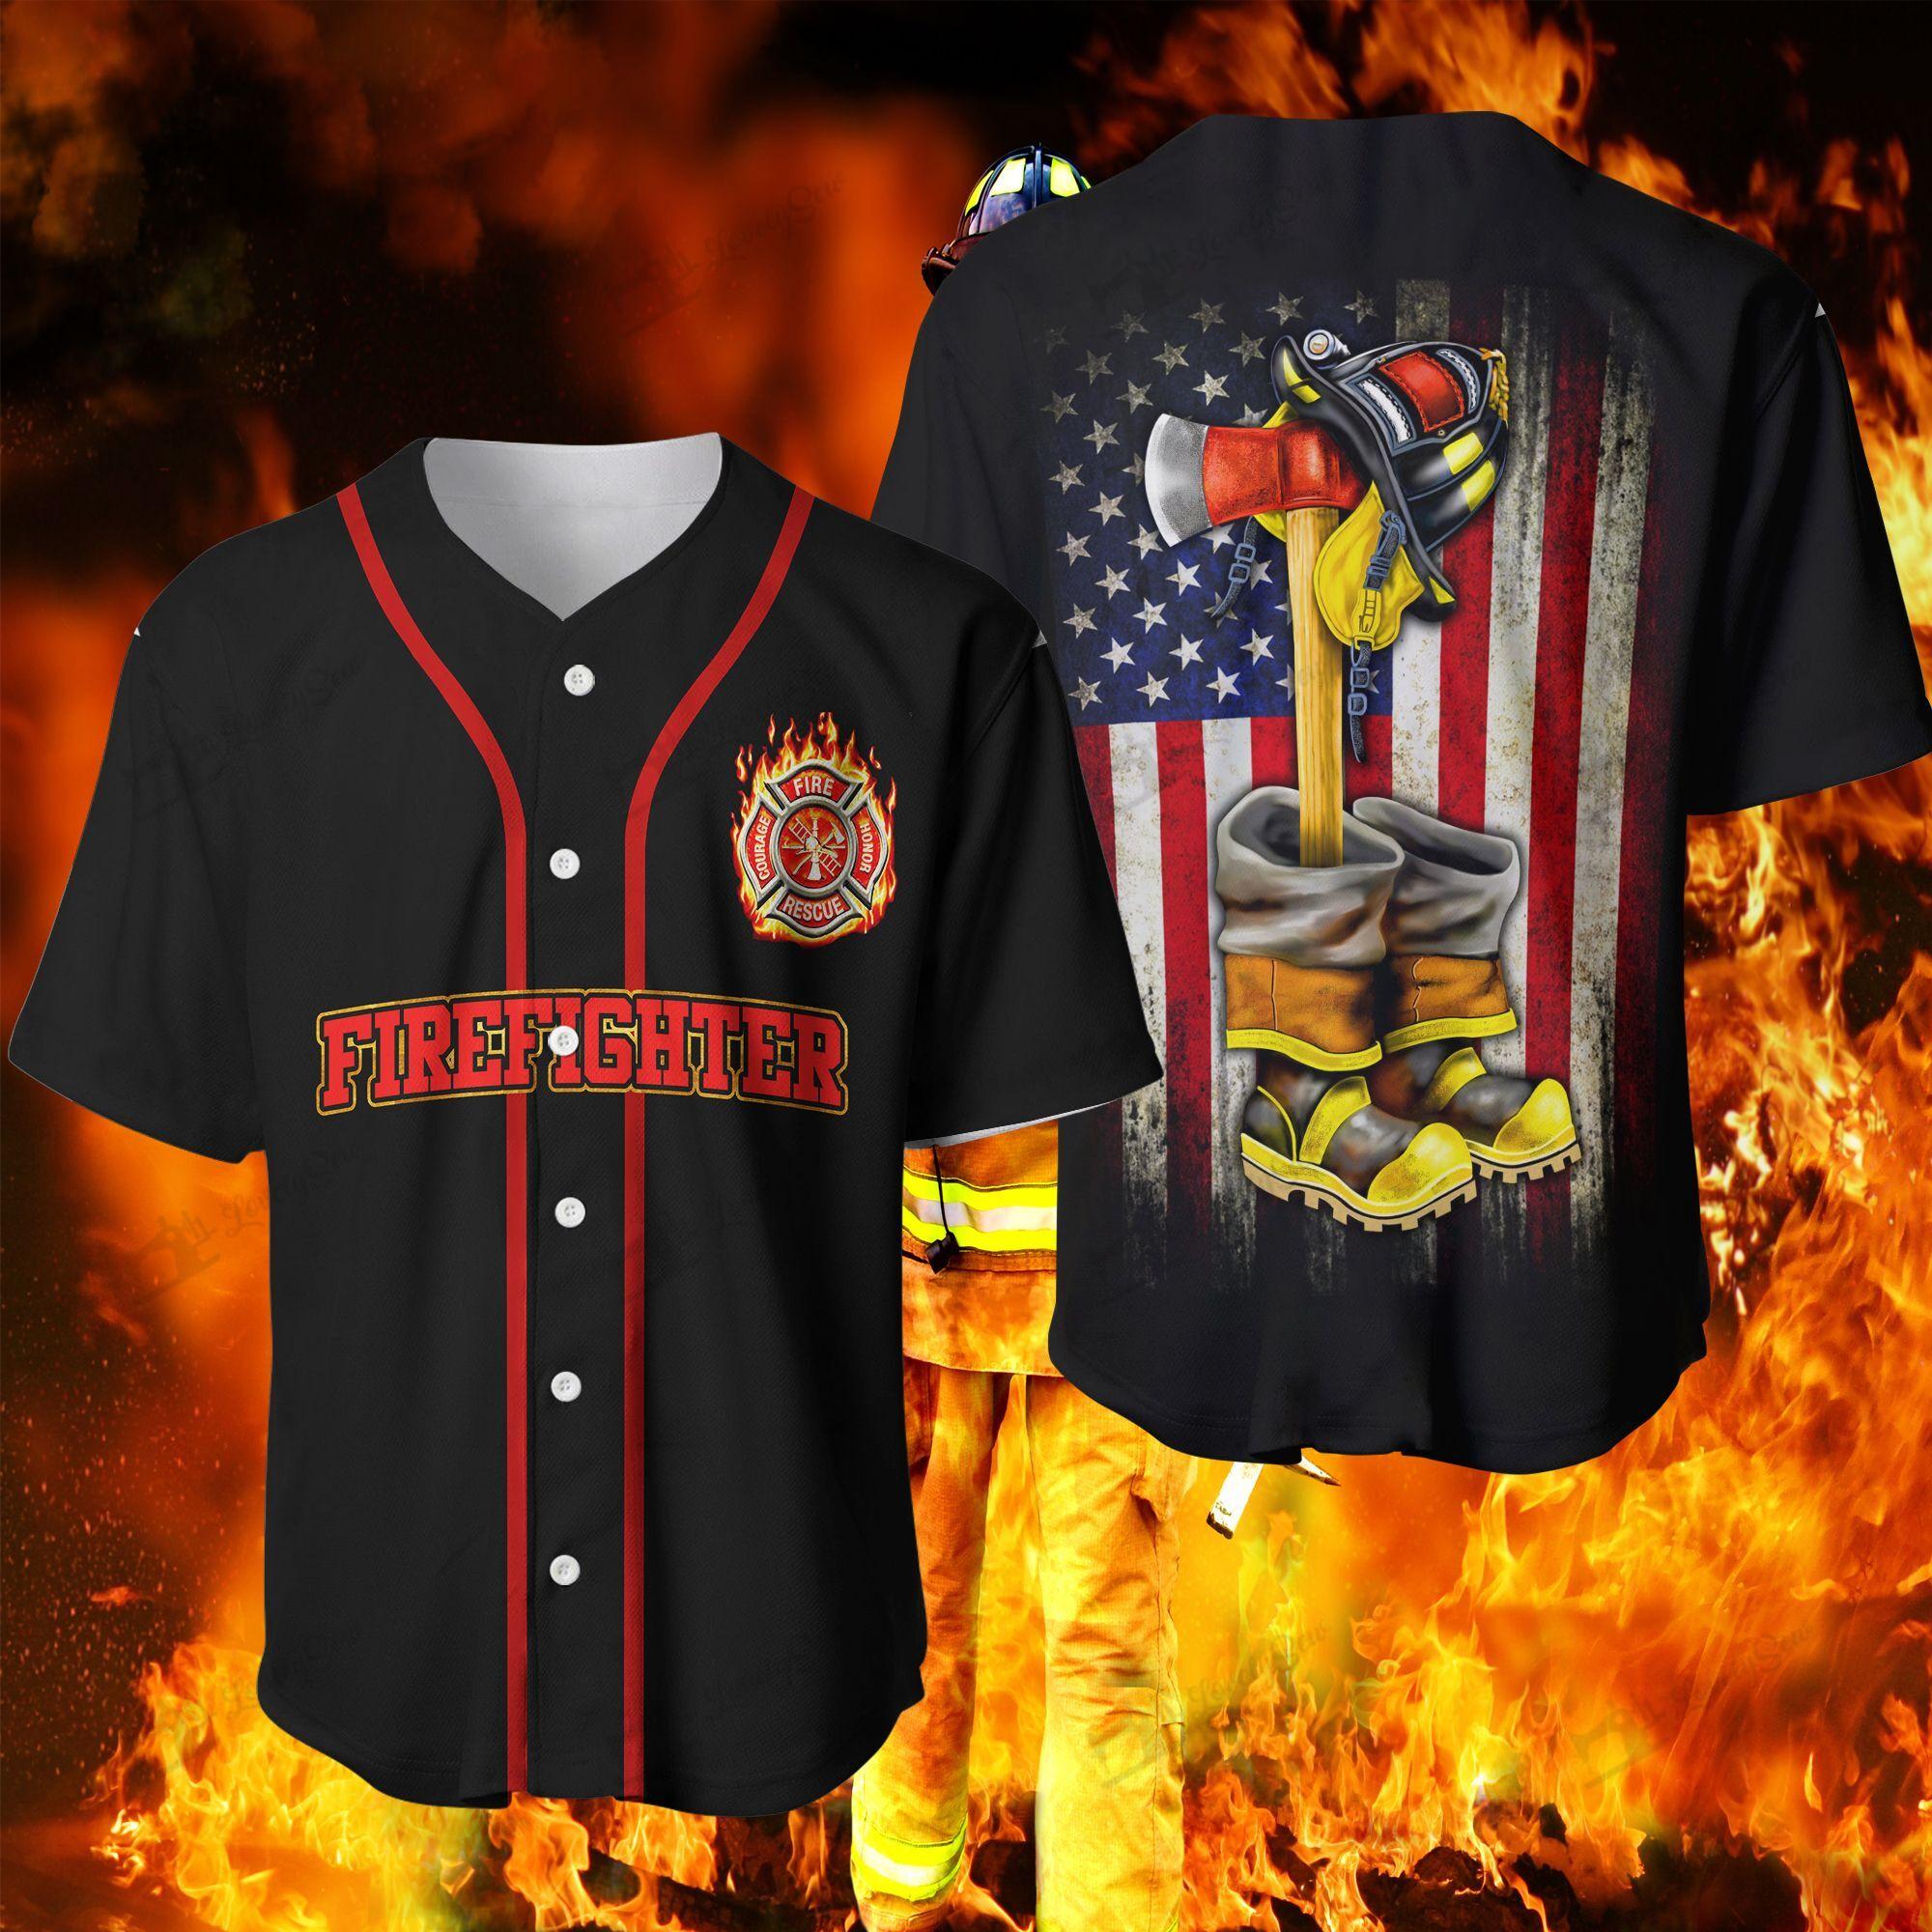 Firefighter Baseball Baseball Jersey Shirt